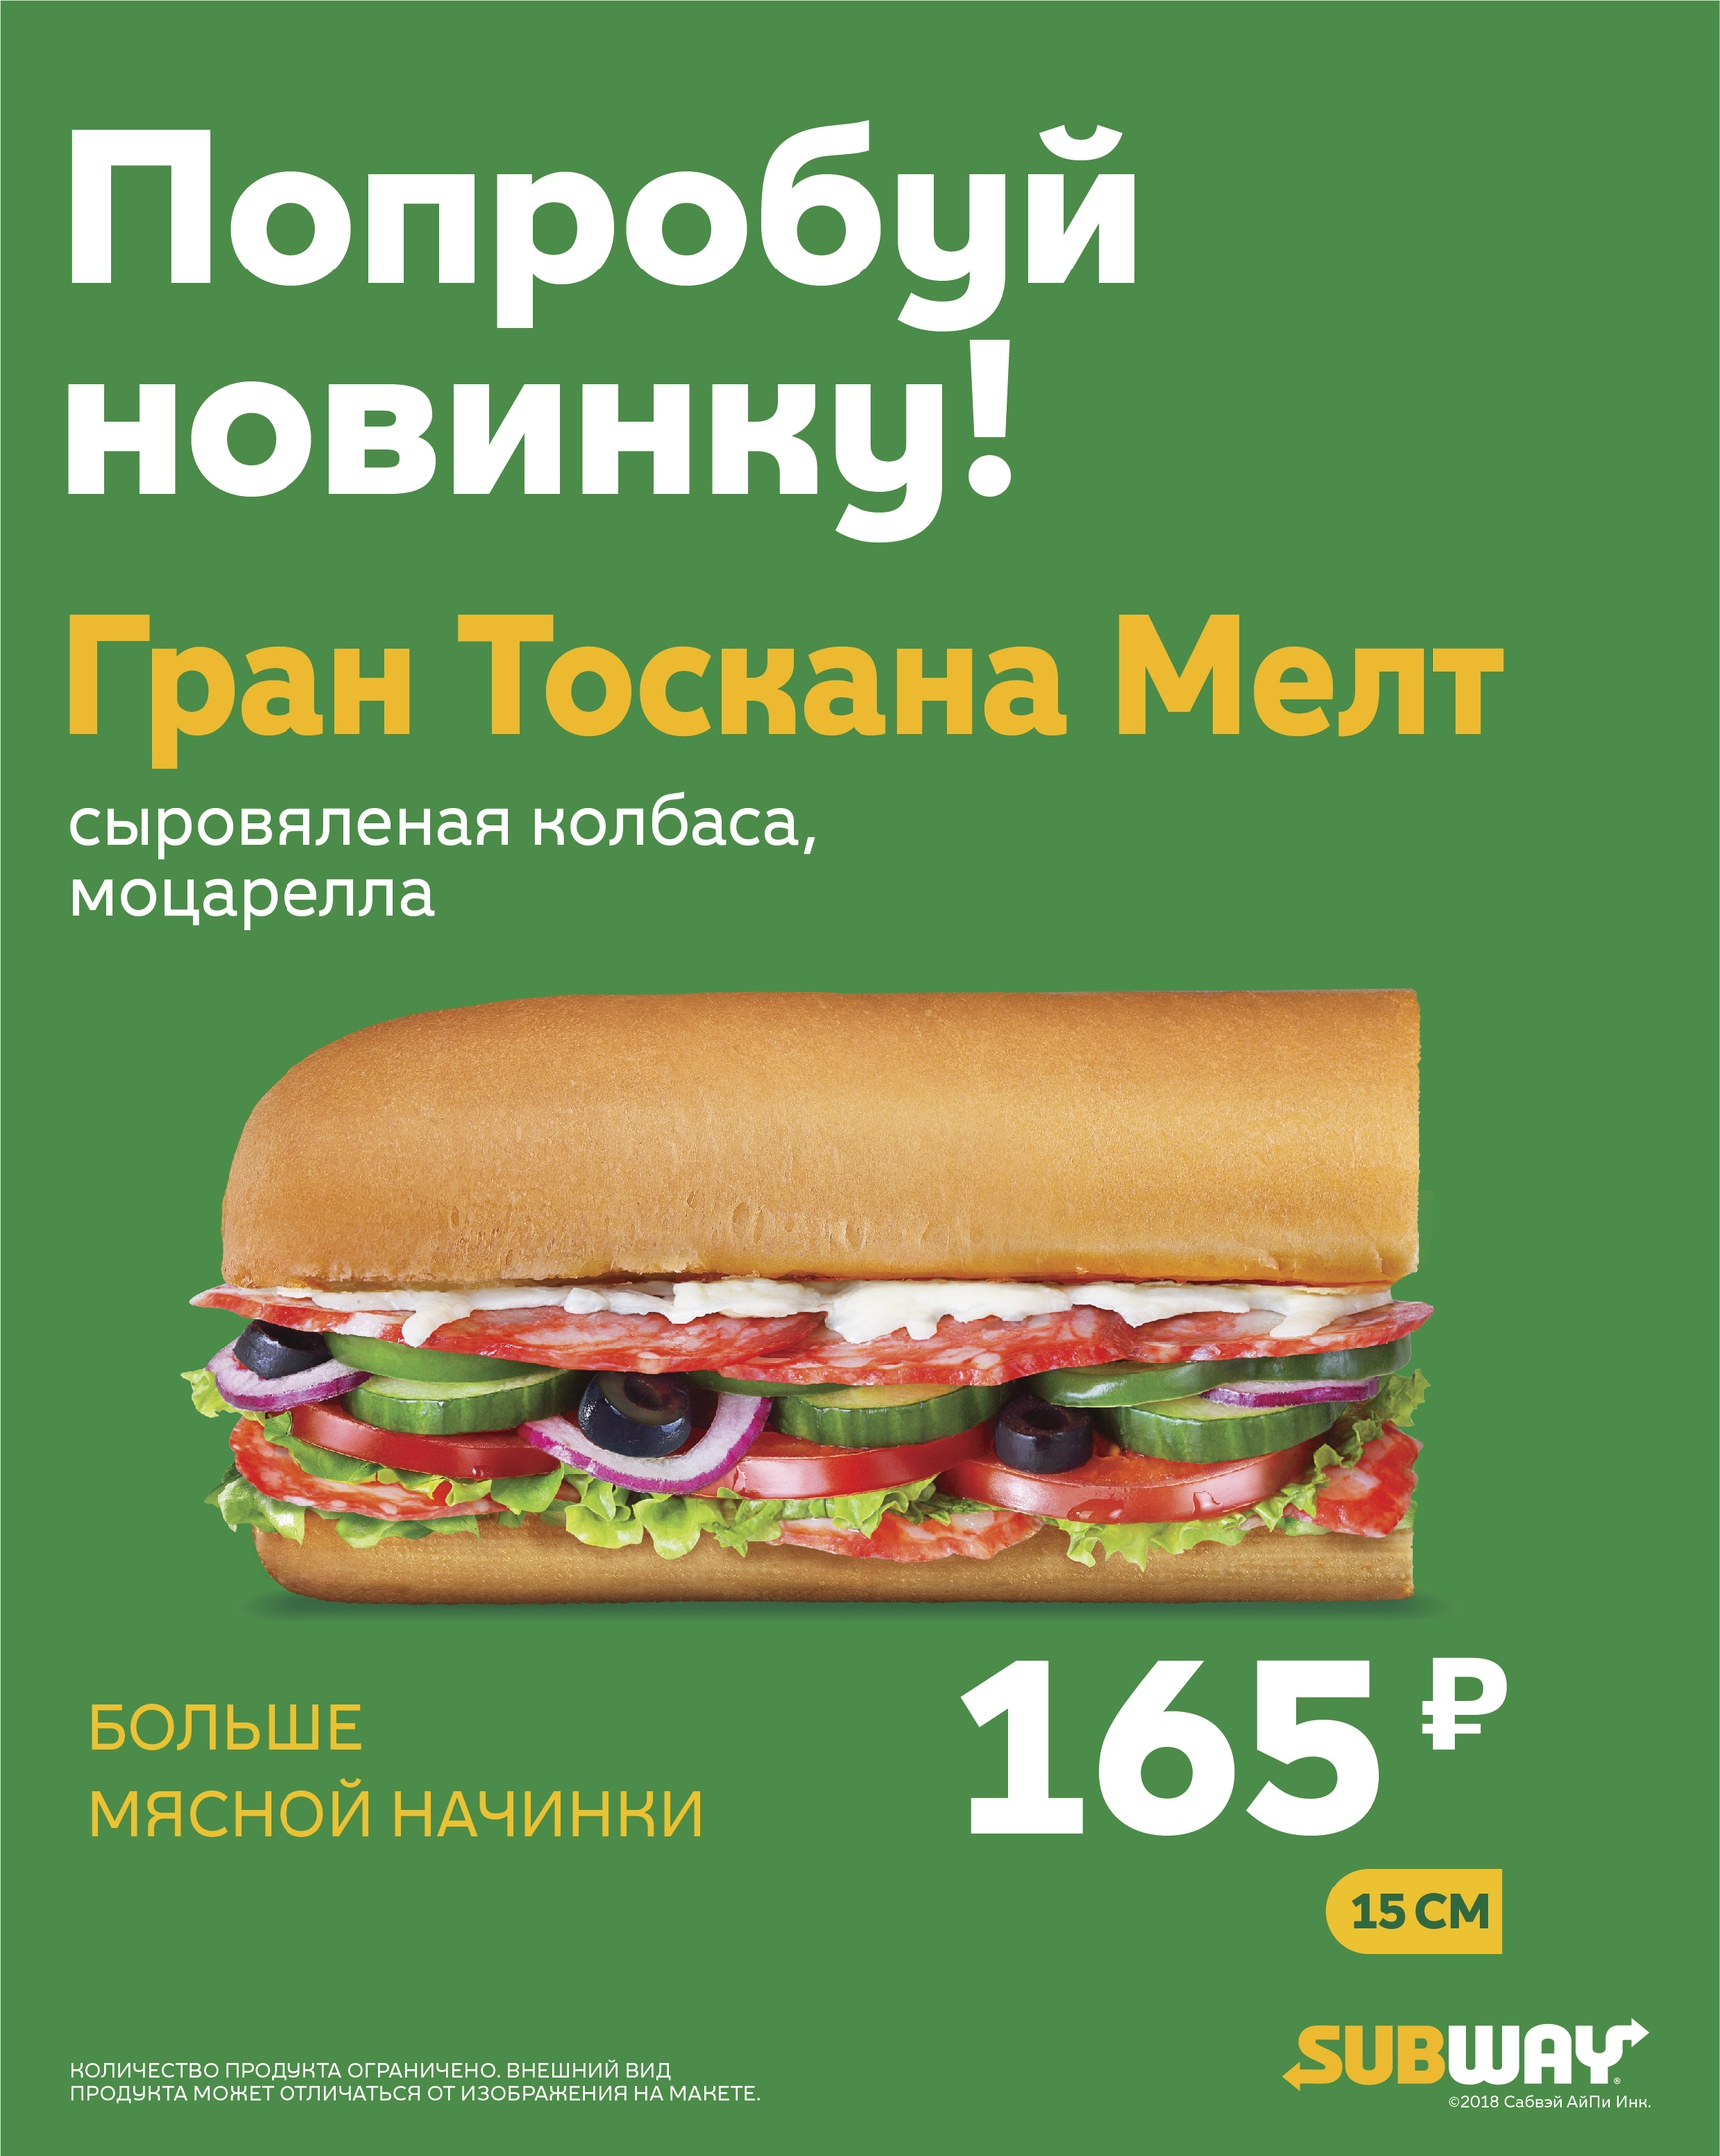 Фастфуд «Subway» - Вконтакте